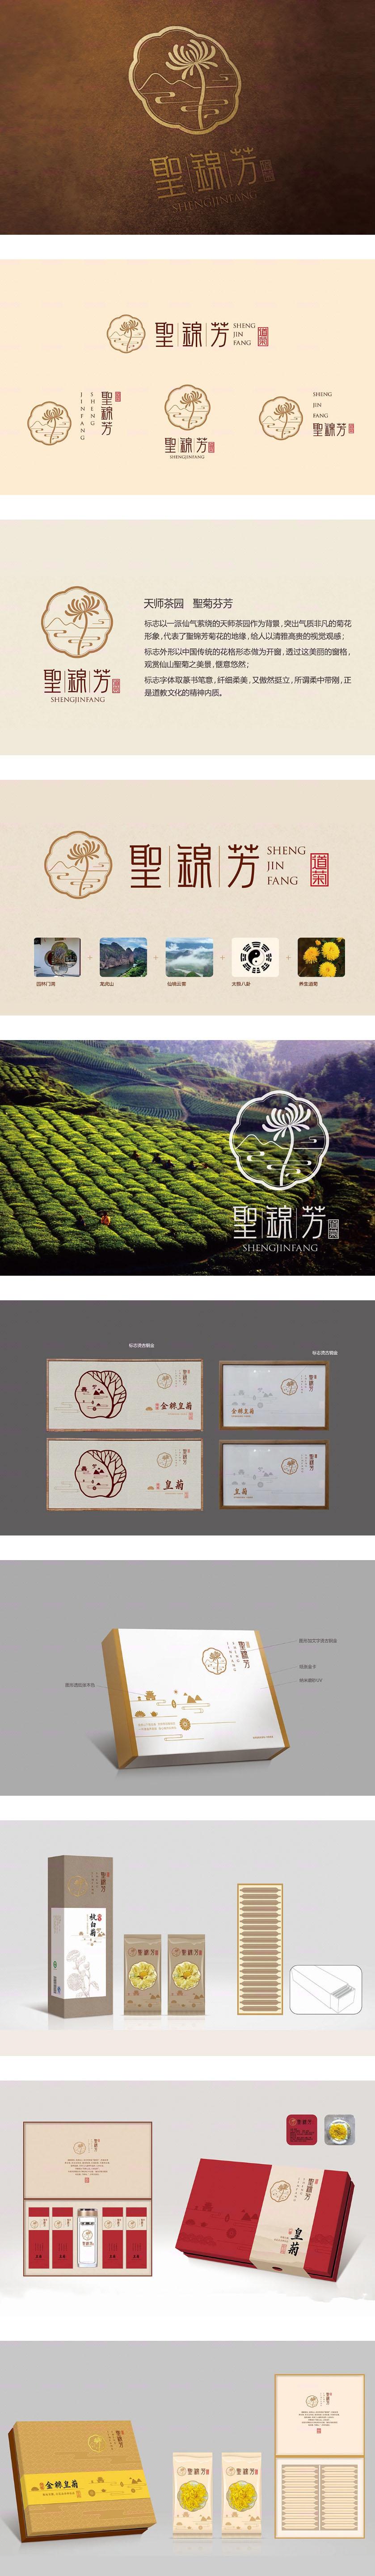 VI设计美图-圣锦芳_花茶.jpg